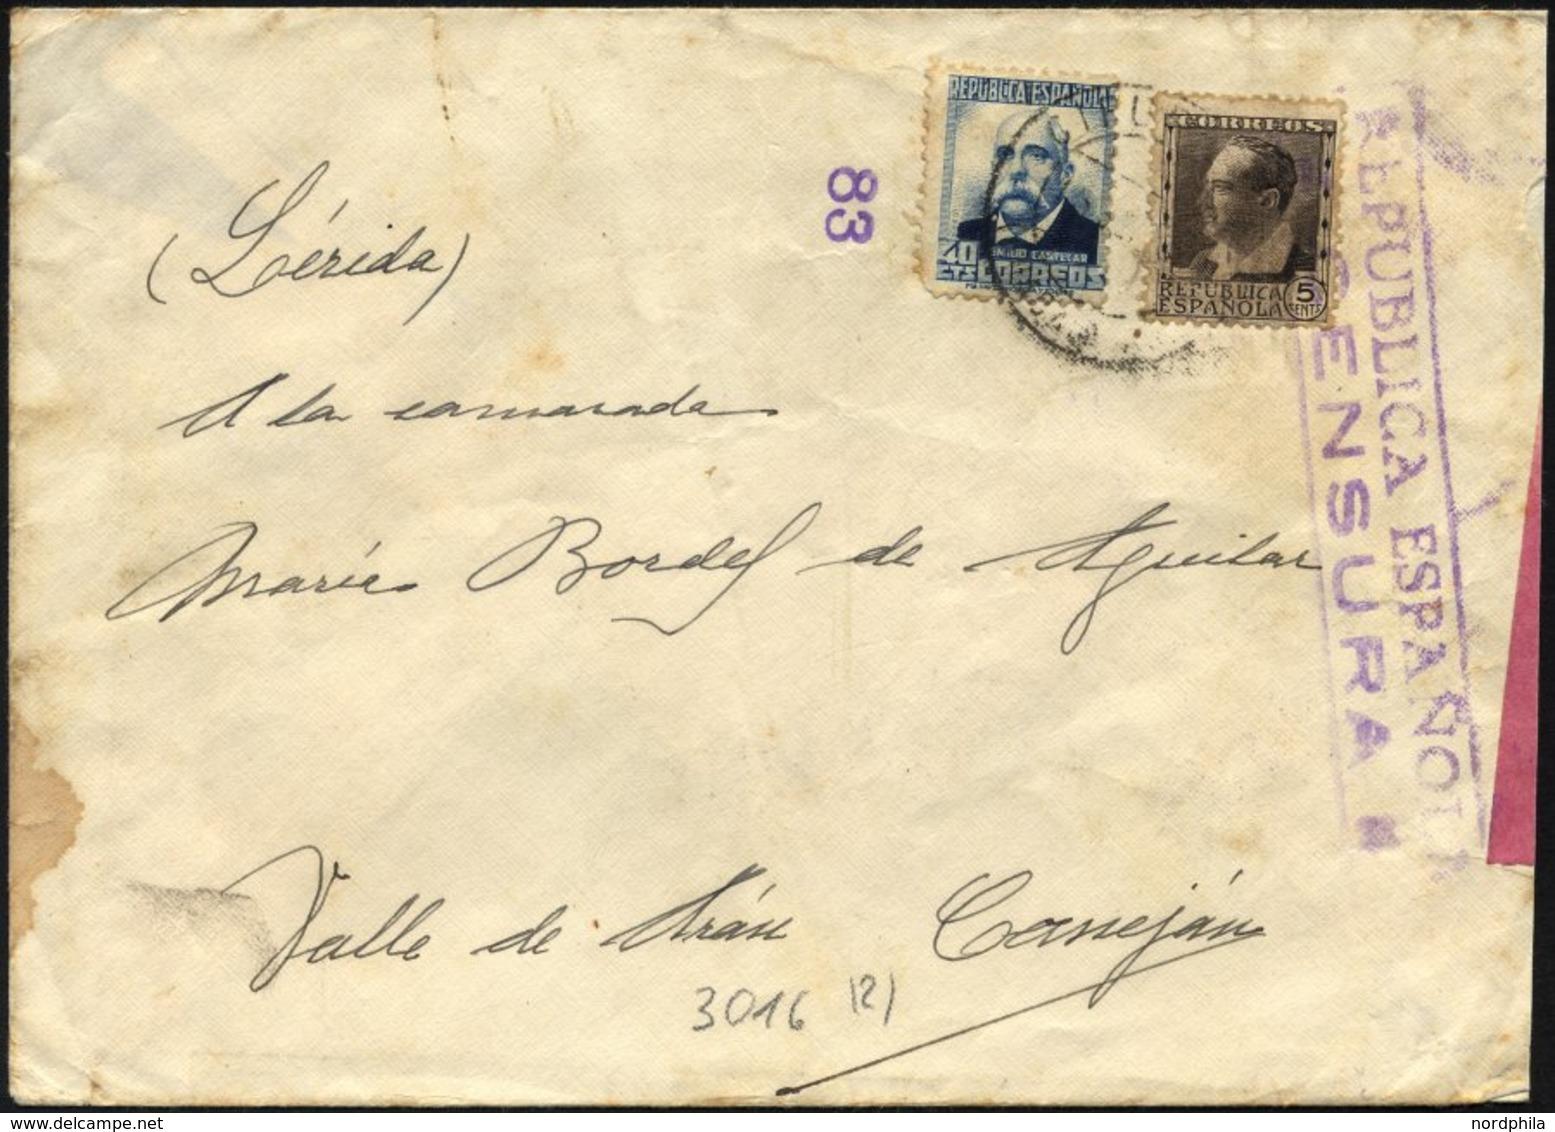 SPANIEN 618,624 BRIEF, 1937, 5 Und 40 C. Berühmte Spanier Mit Violettem Republikanischem Zensurstempel Auf Feldpostbrief - Spain